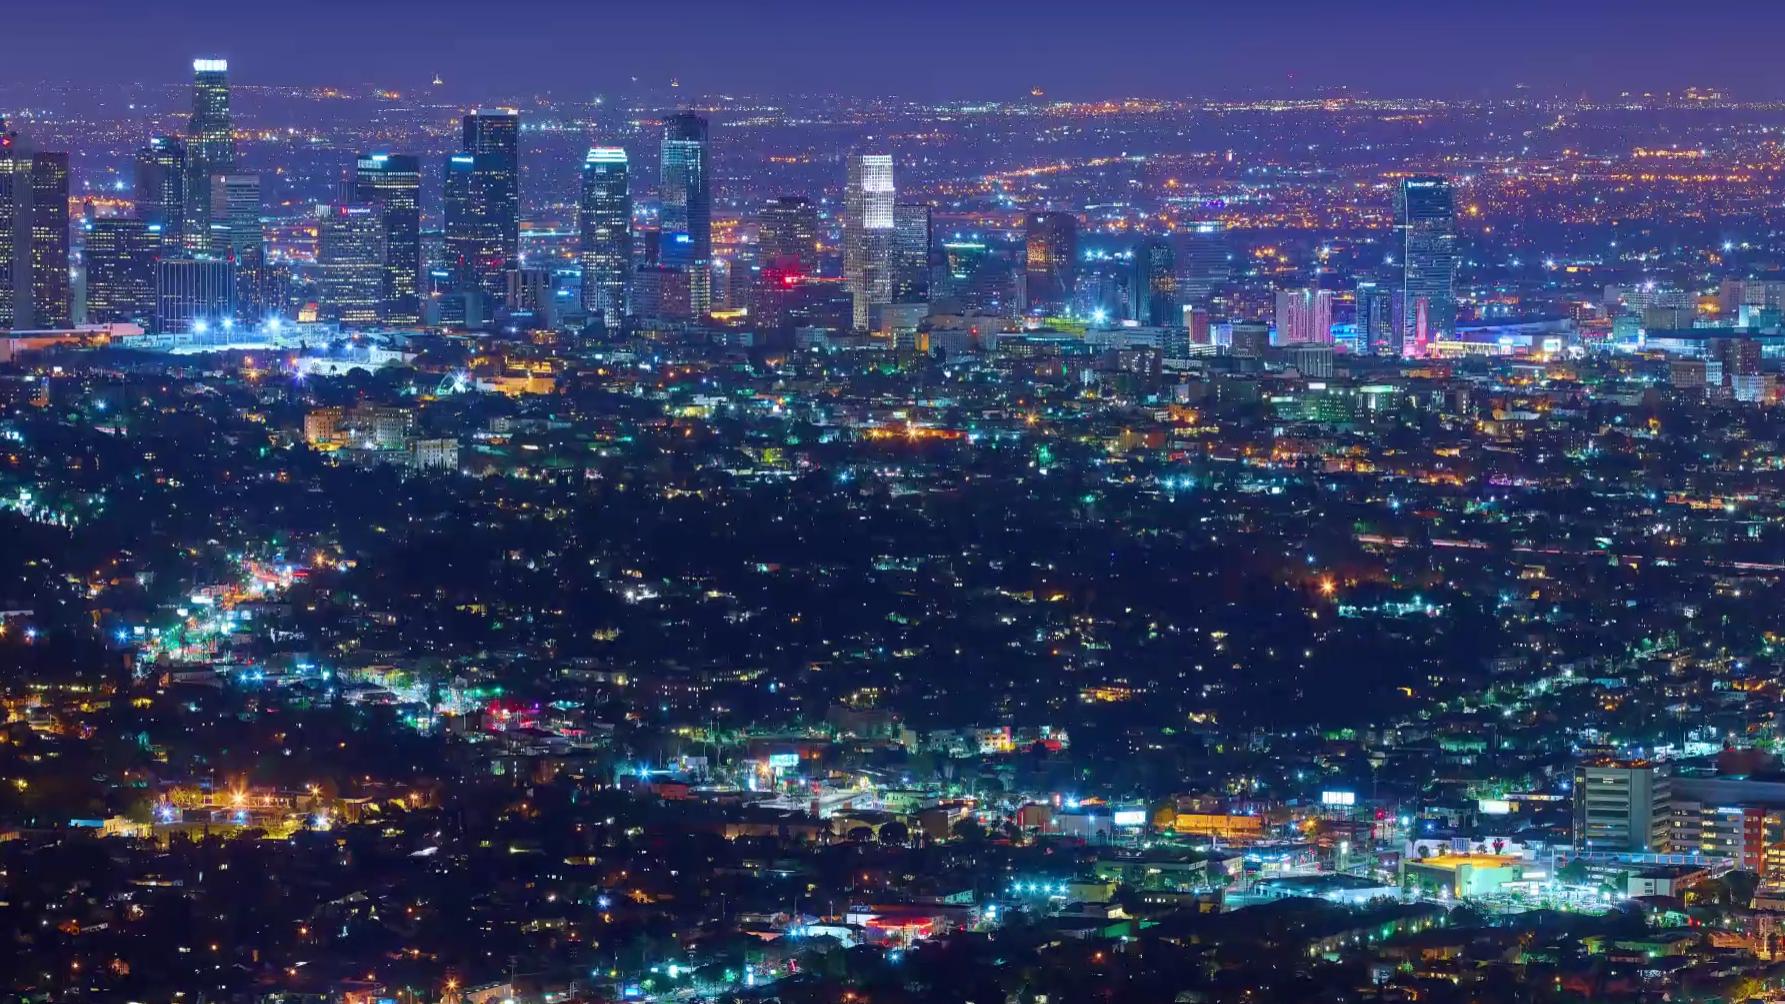 Se den utrolig 12K-timelapsen av Los Angeles